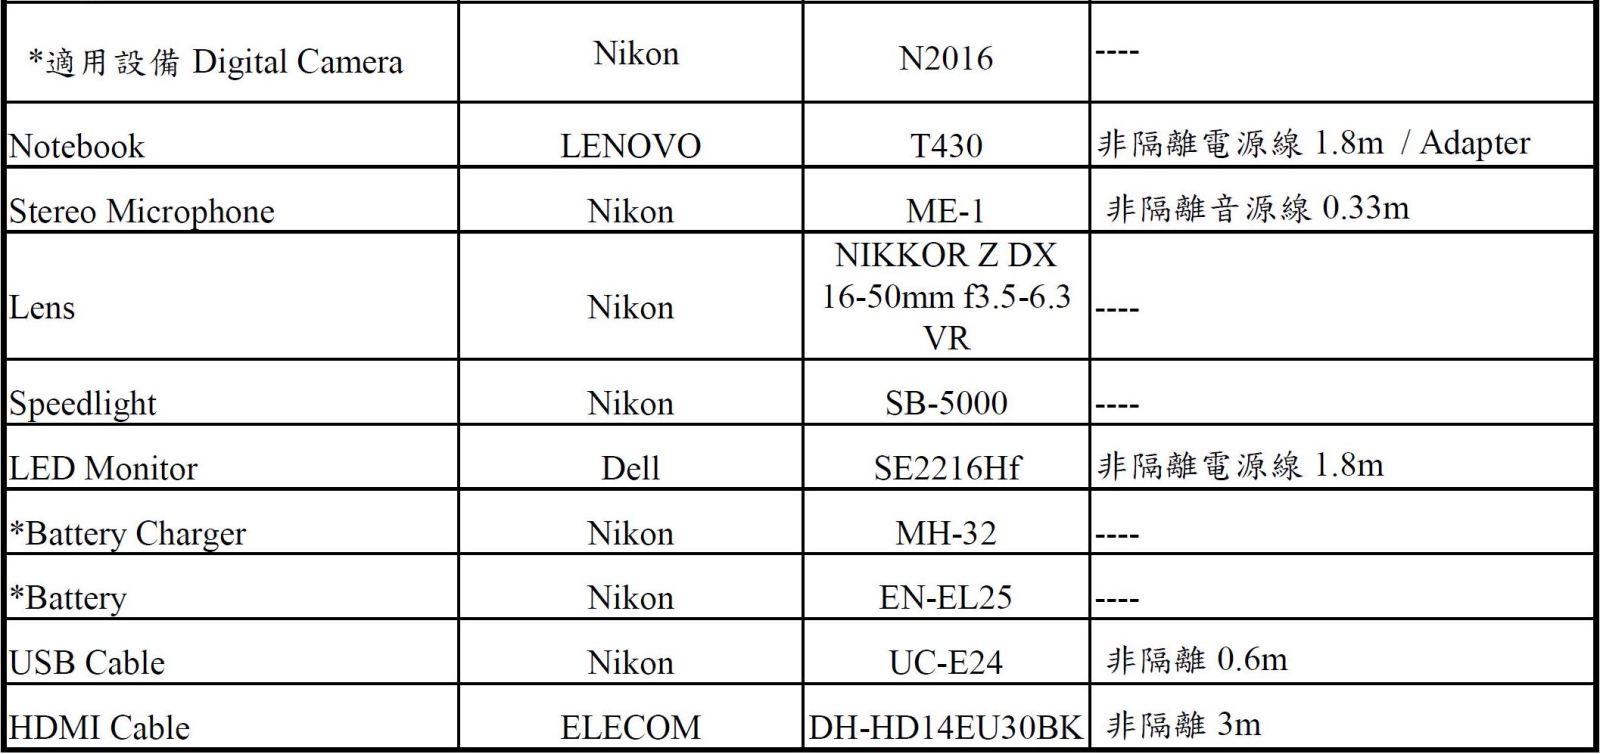 Un'altra conferma per la presunta fotocamera mirrorless Nikon Z APS-C (N2016)